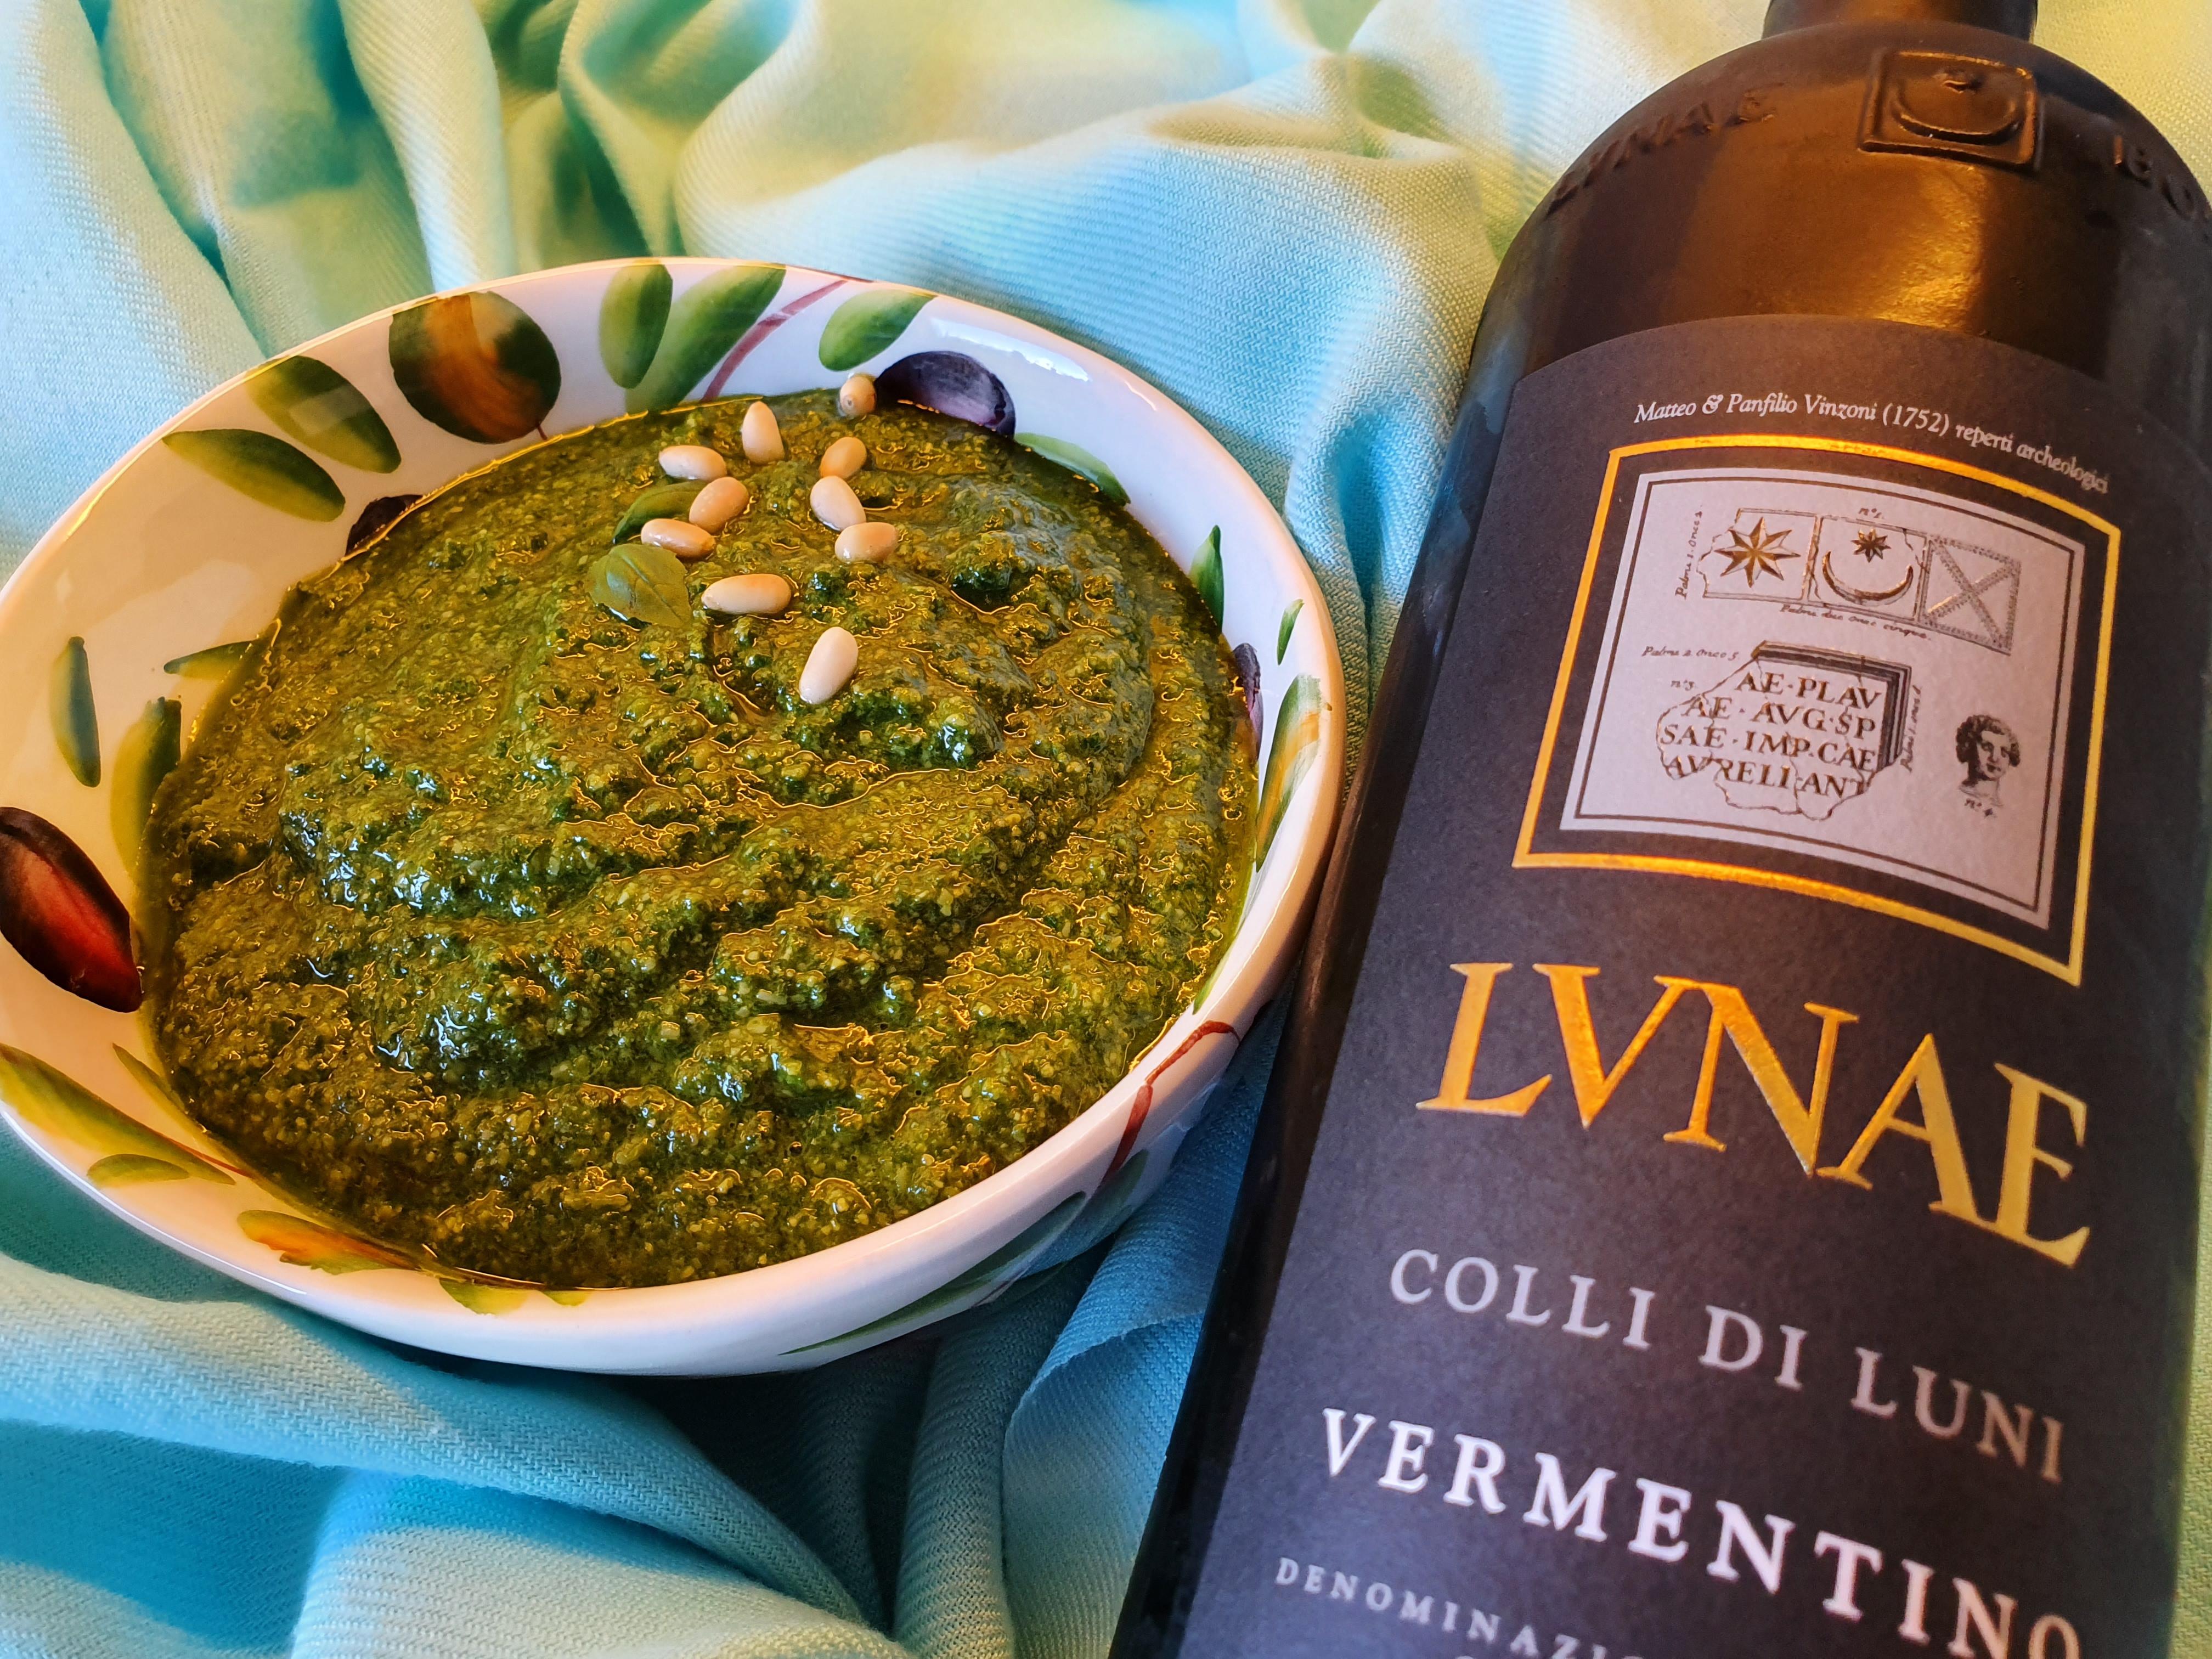 Pesto og Etichetta Nera